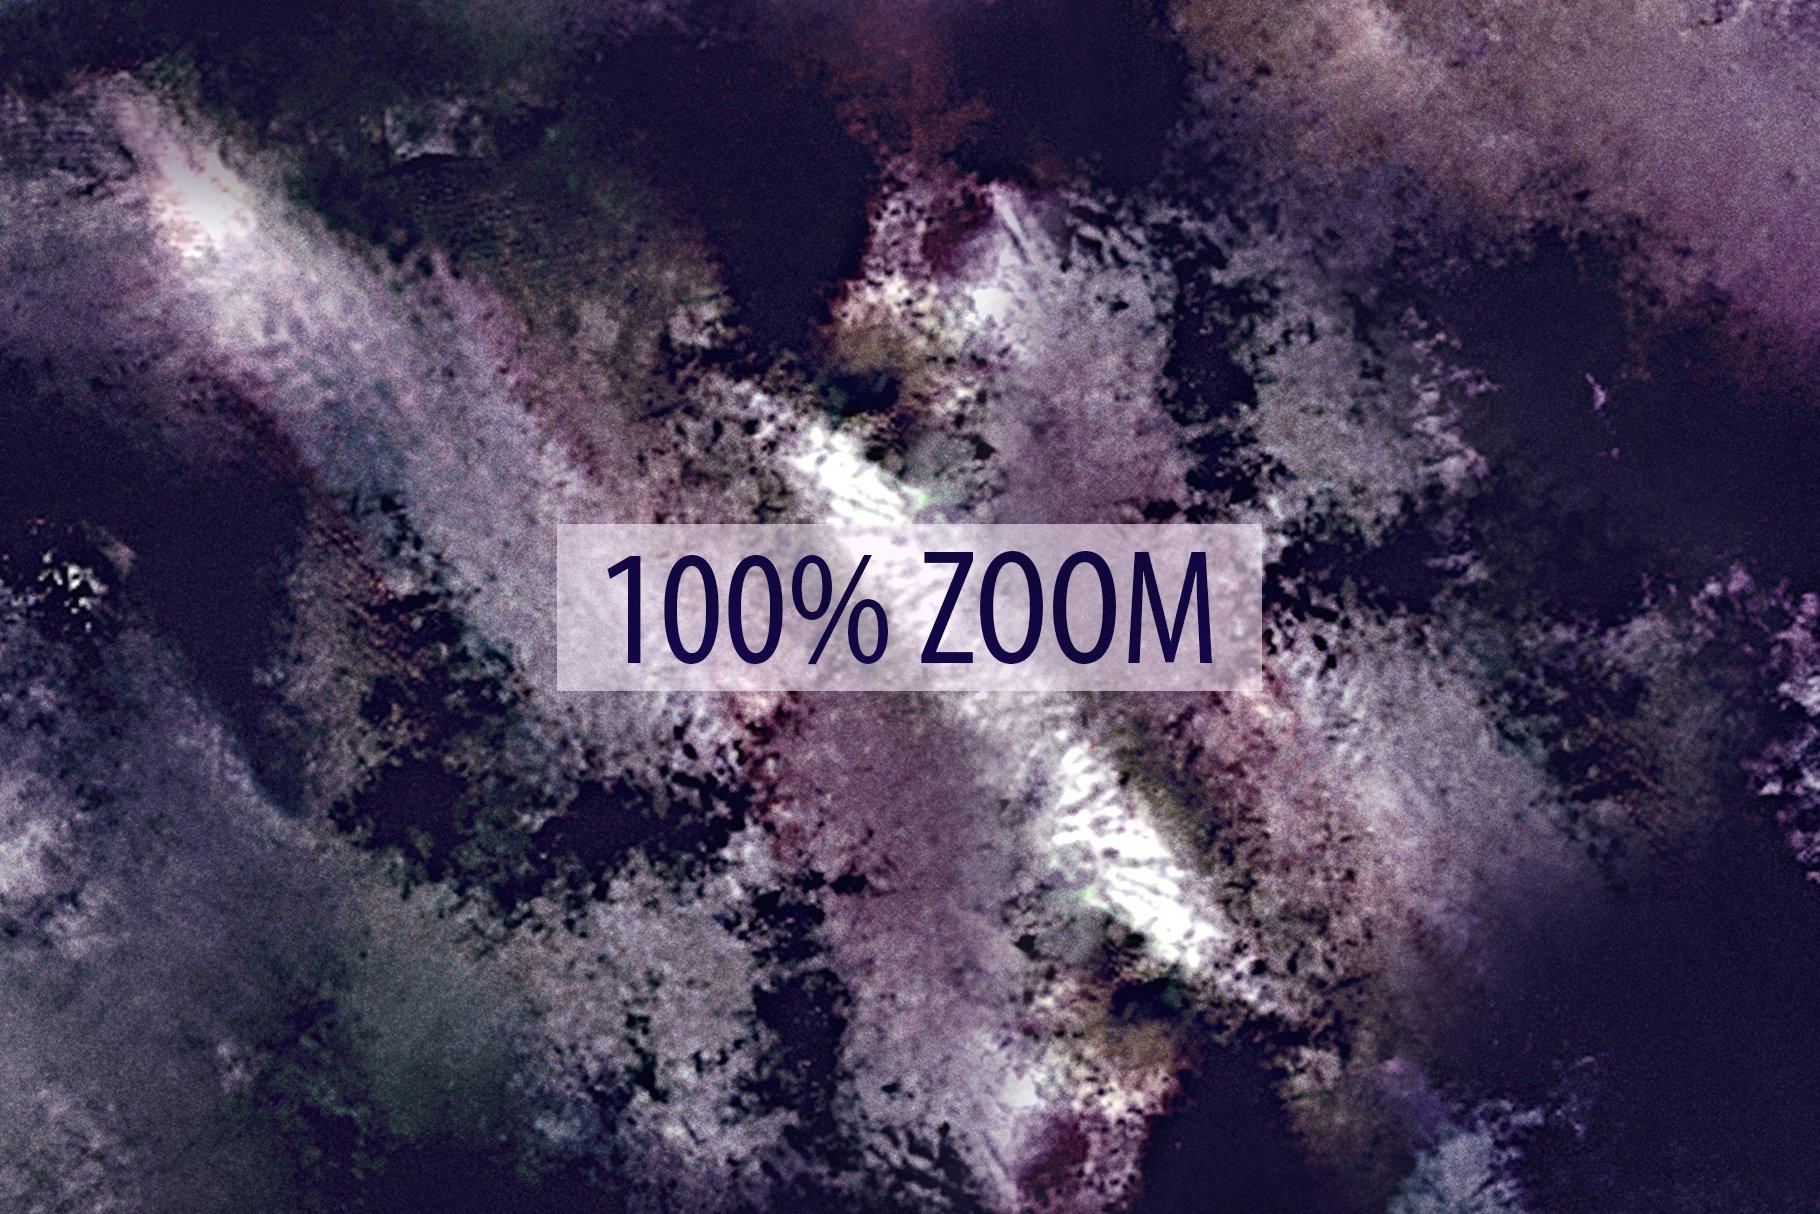 抽象紫色海军蓝绿色调丙烯酸油漆笔刷背景纹理图片素材 Brushstroke Textures Collection插图(15)